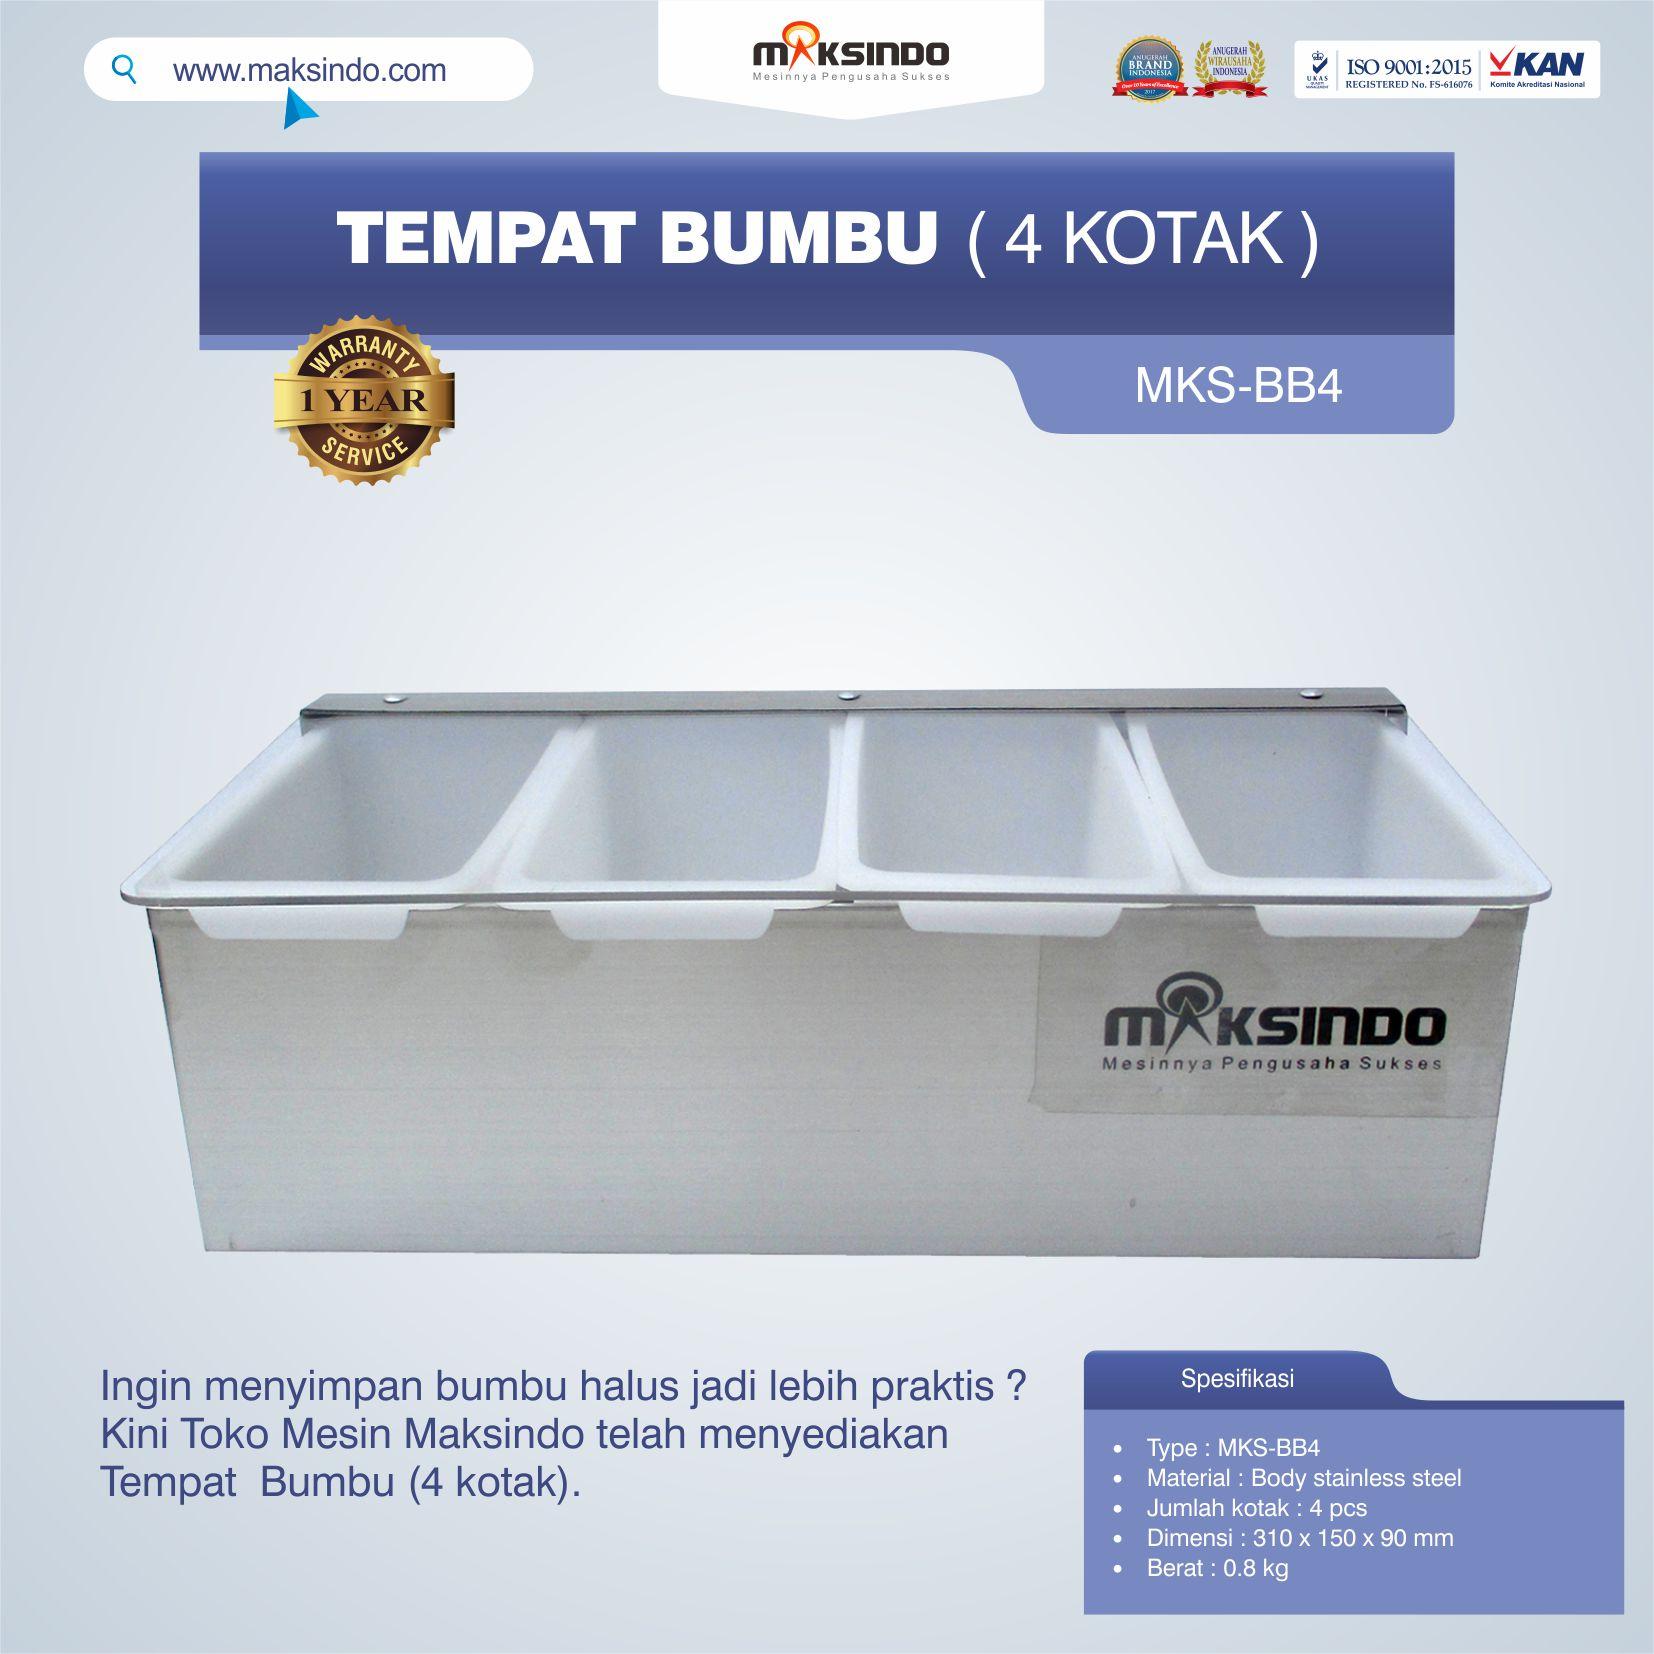 Jual Tempat Bumbu (4 kotak) di Semarang